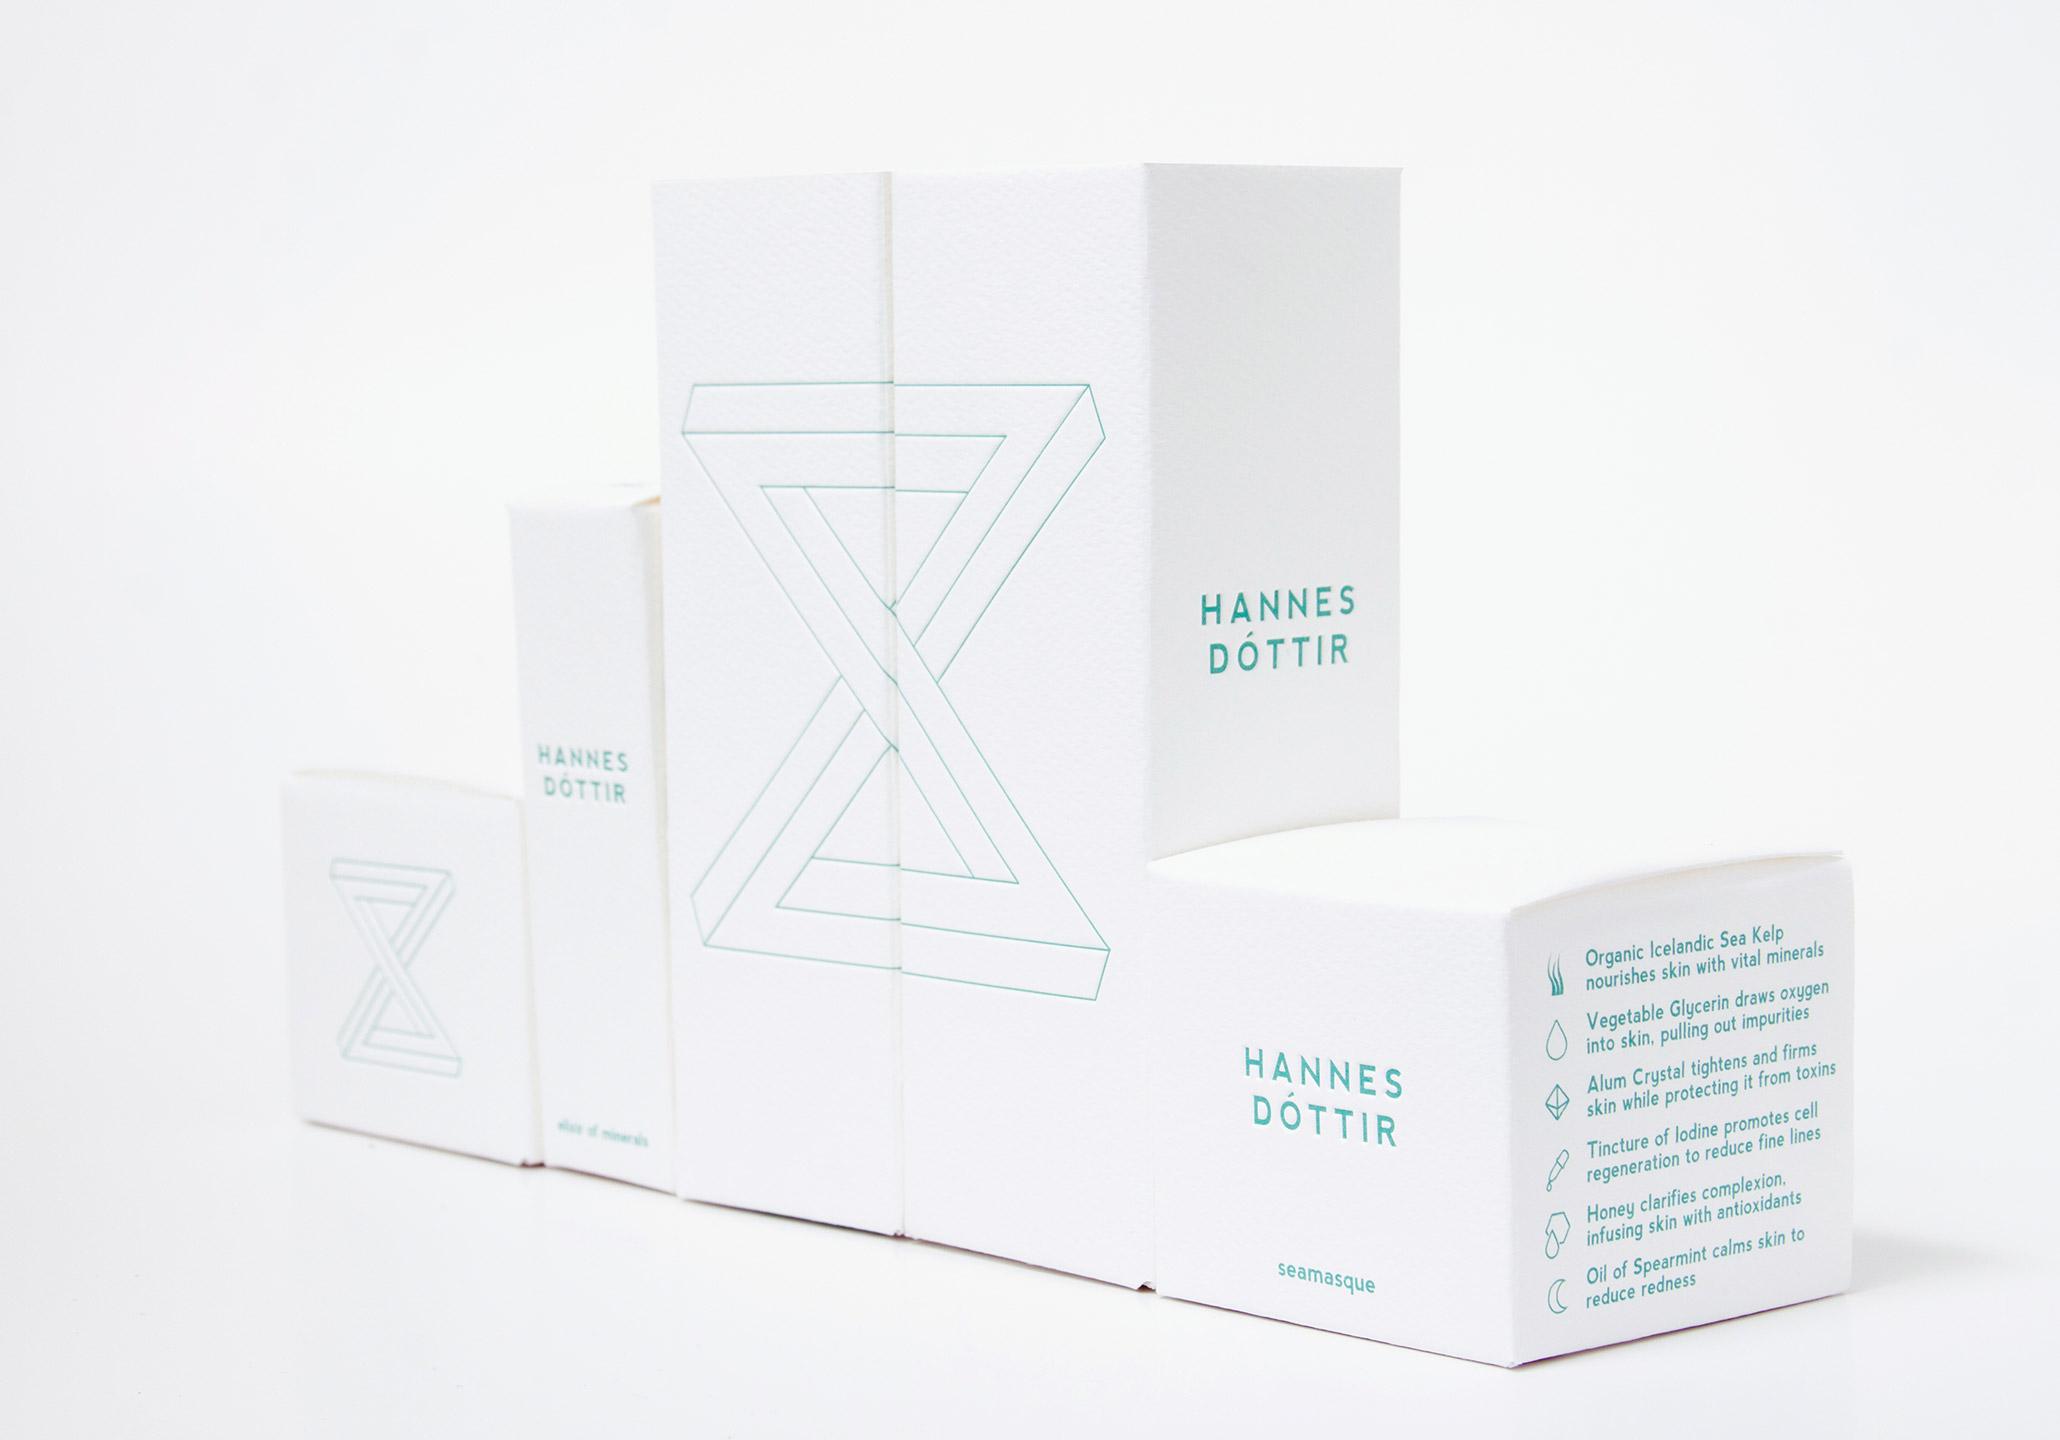 Hannes-Dottir-Coming-Soon.jpg